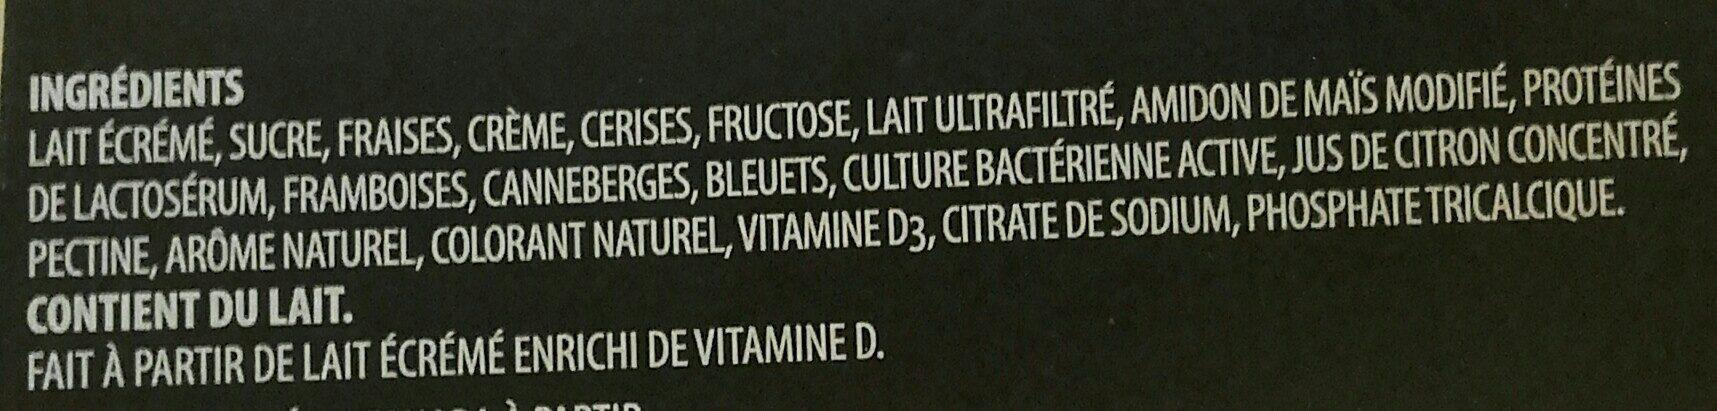 Le Crémeux Yogourt brassé - Ingredients